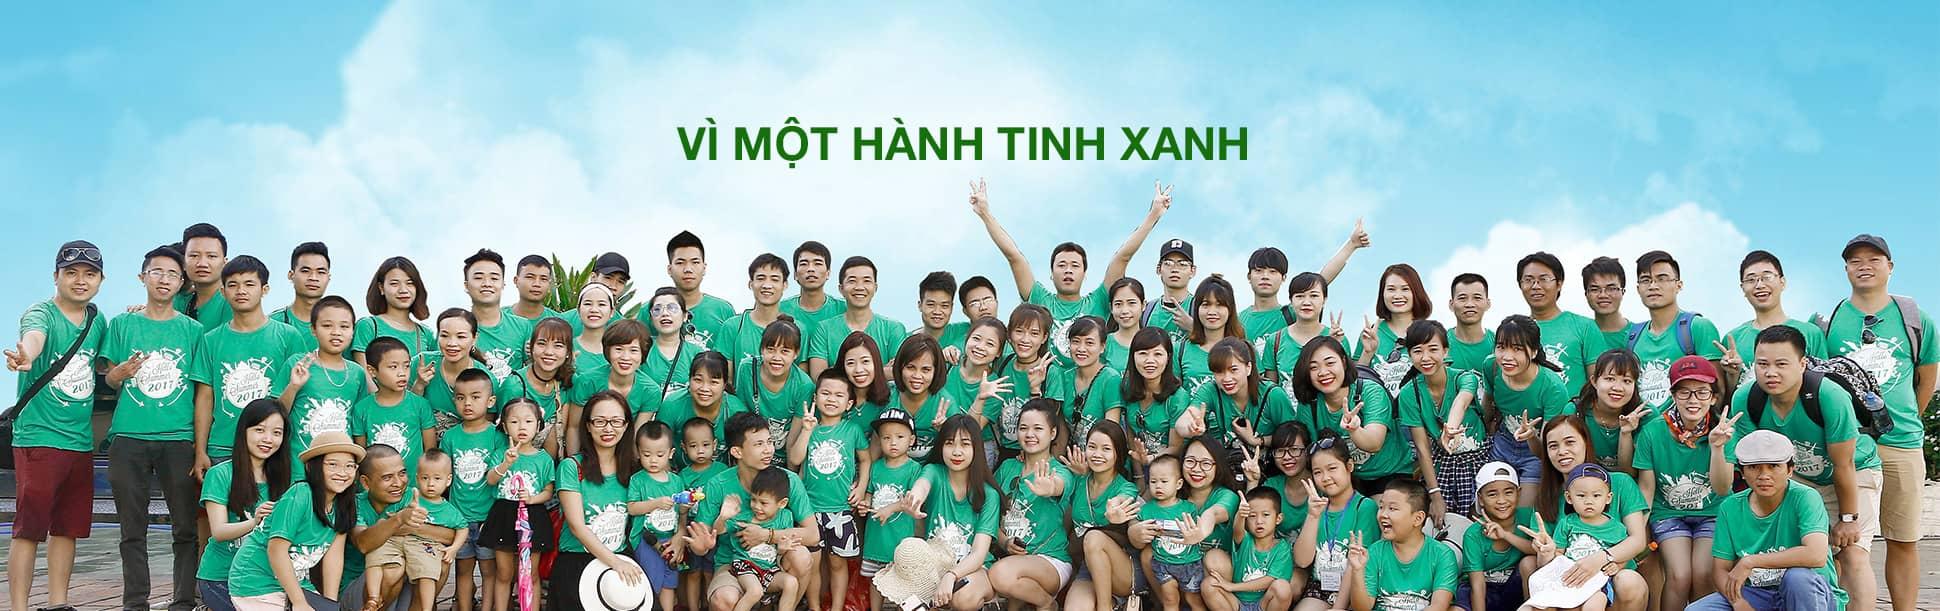 Hanh Tinh Xanh